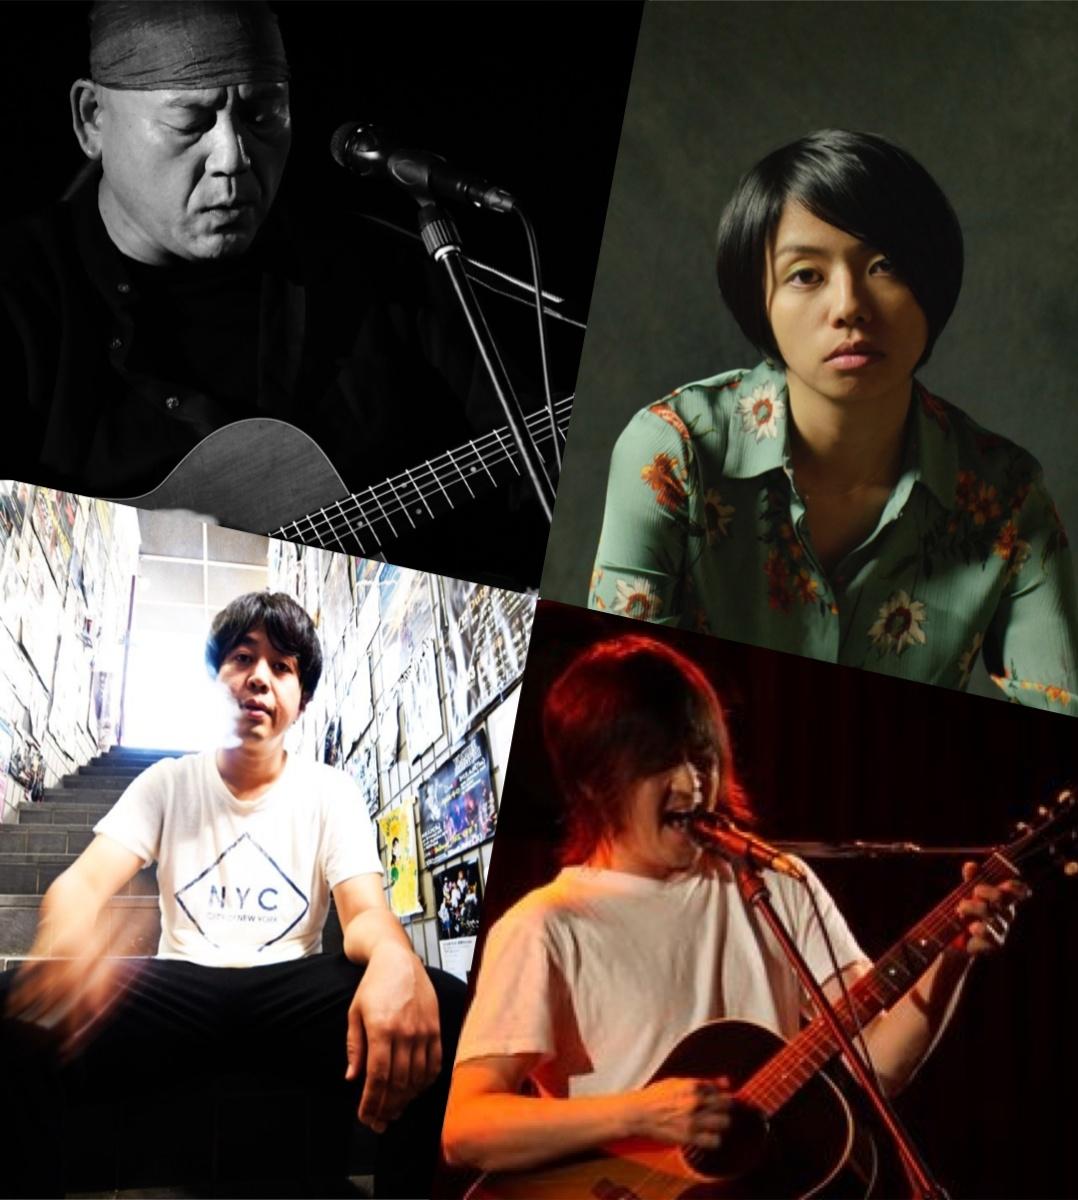 『ギター弾きの恋』出演:坂井ライ / スリ・ヤムヒ / 古田桂介 / 木下拓也